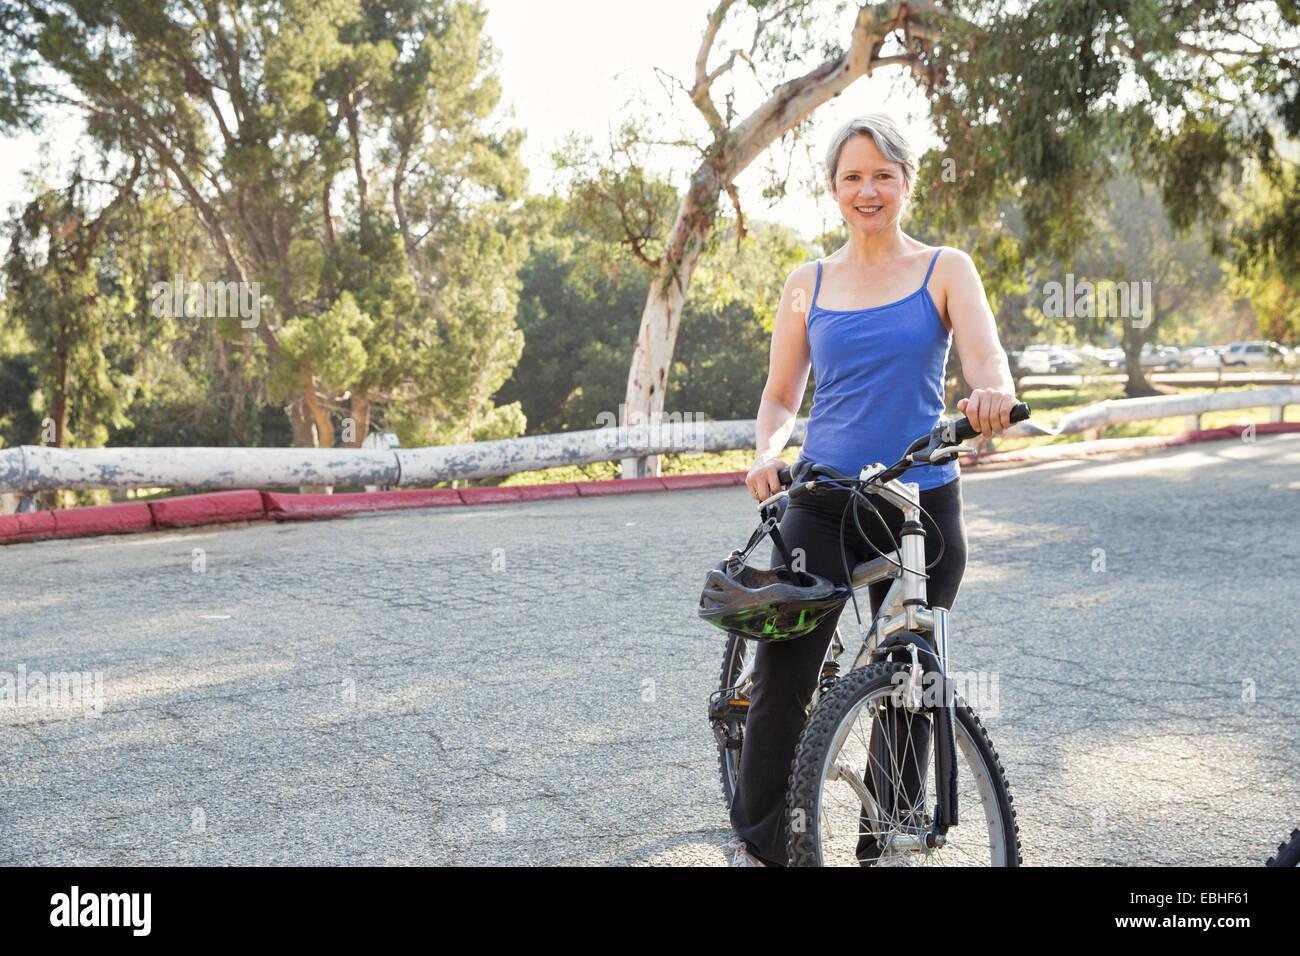 Ritratto di donna matura ciclista in posizione di parcheggio Immagini Stock